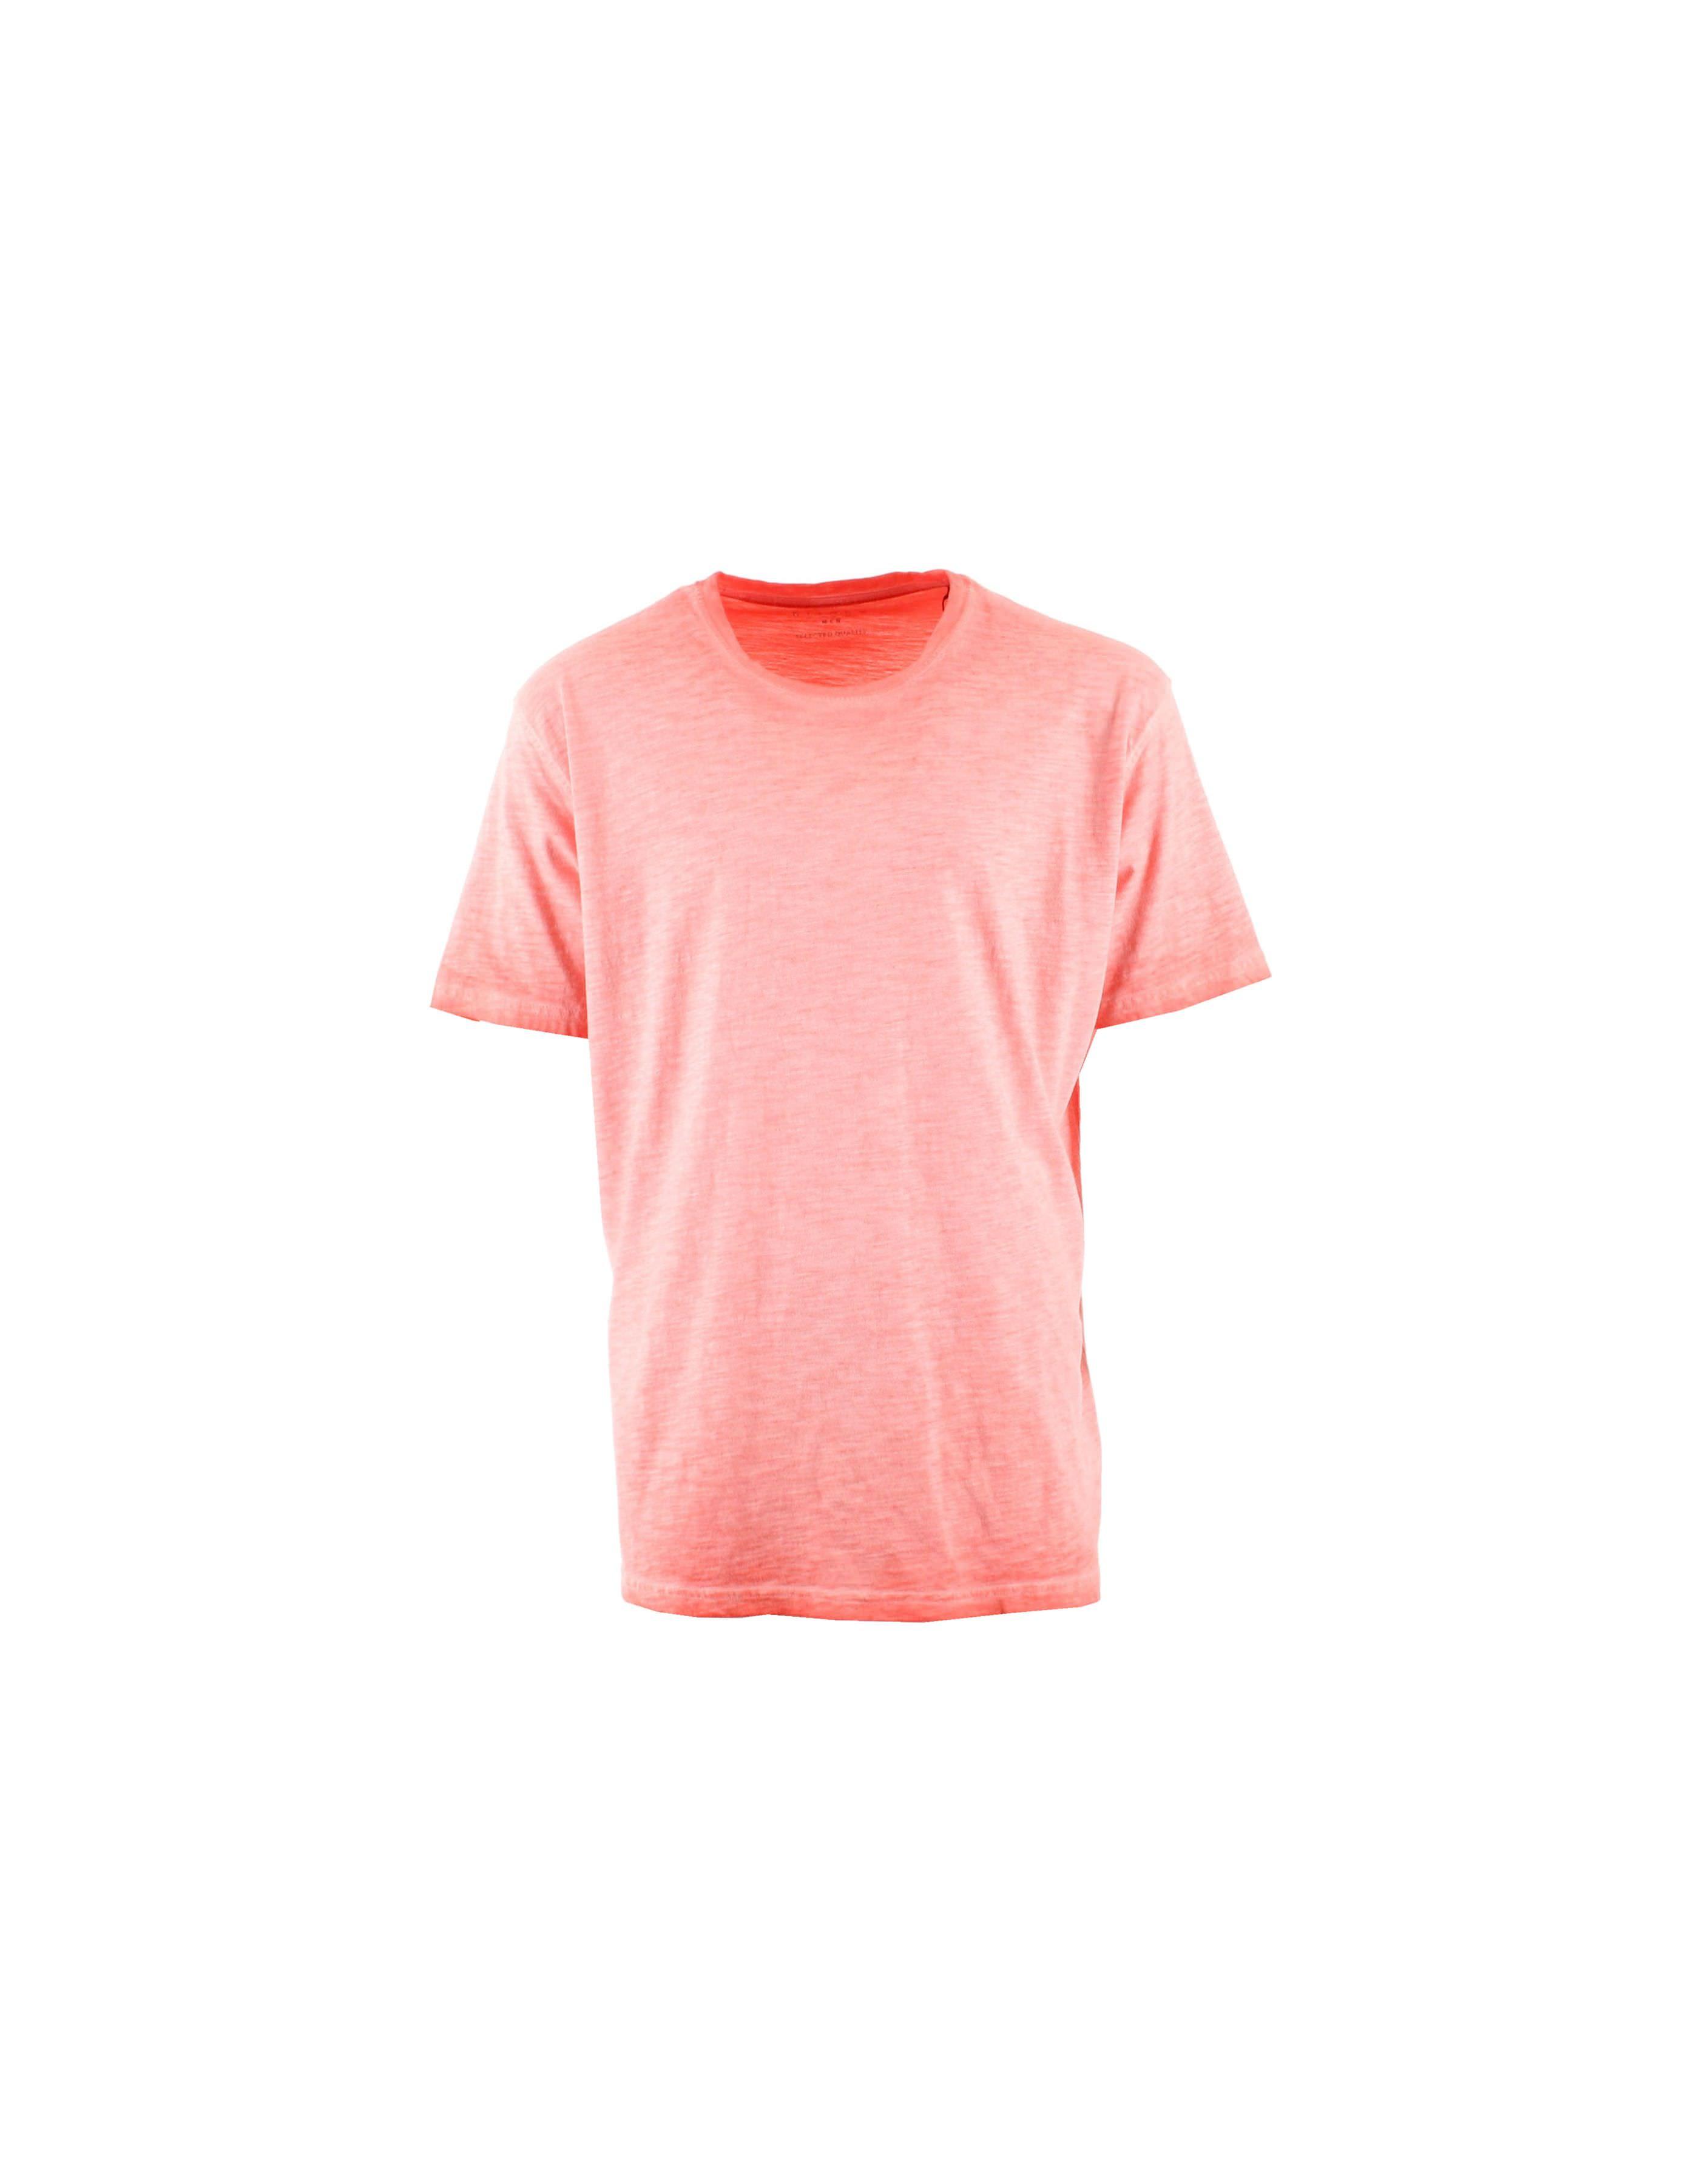 T-shirt en dégradé